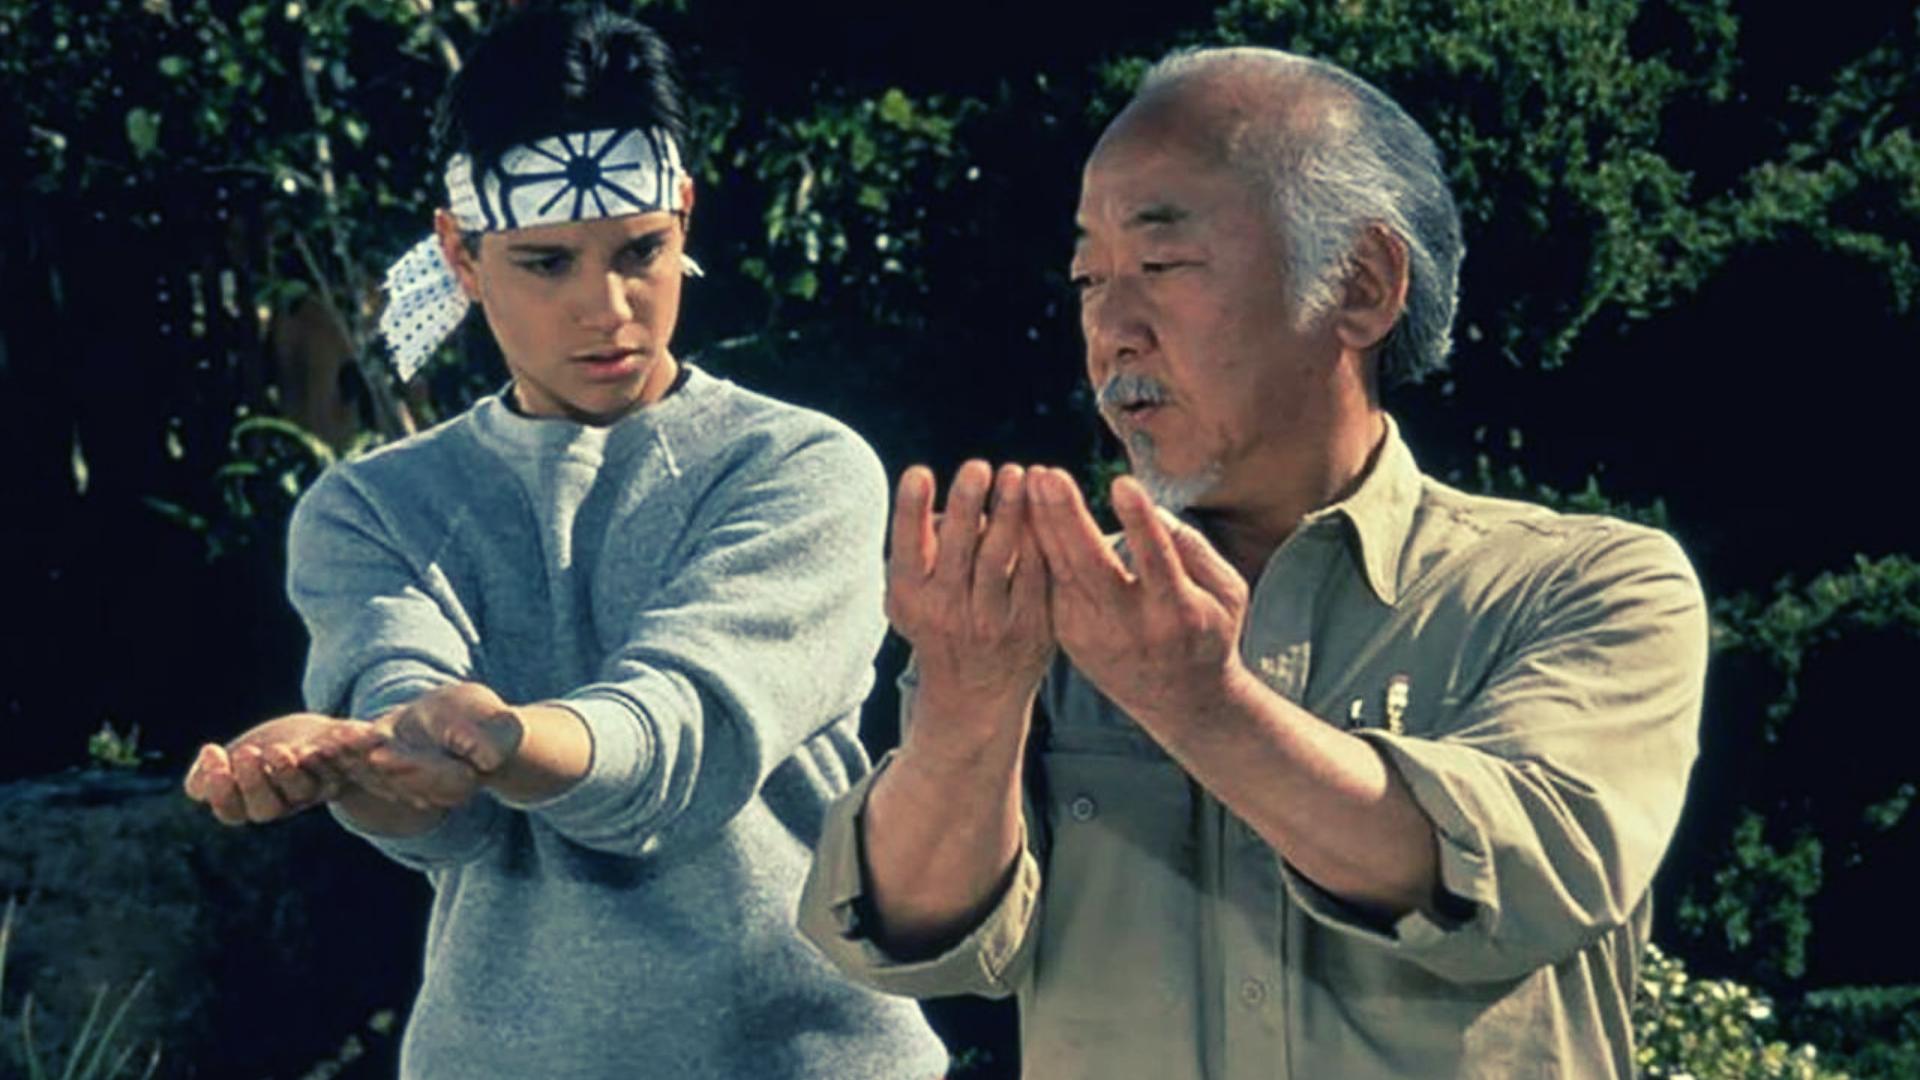 Famous movie mentors: Ralph Macchio as Daniel and Pat Morita as Mr. Miyagi in  The Karate Kid  (1984)